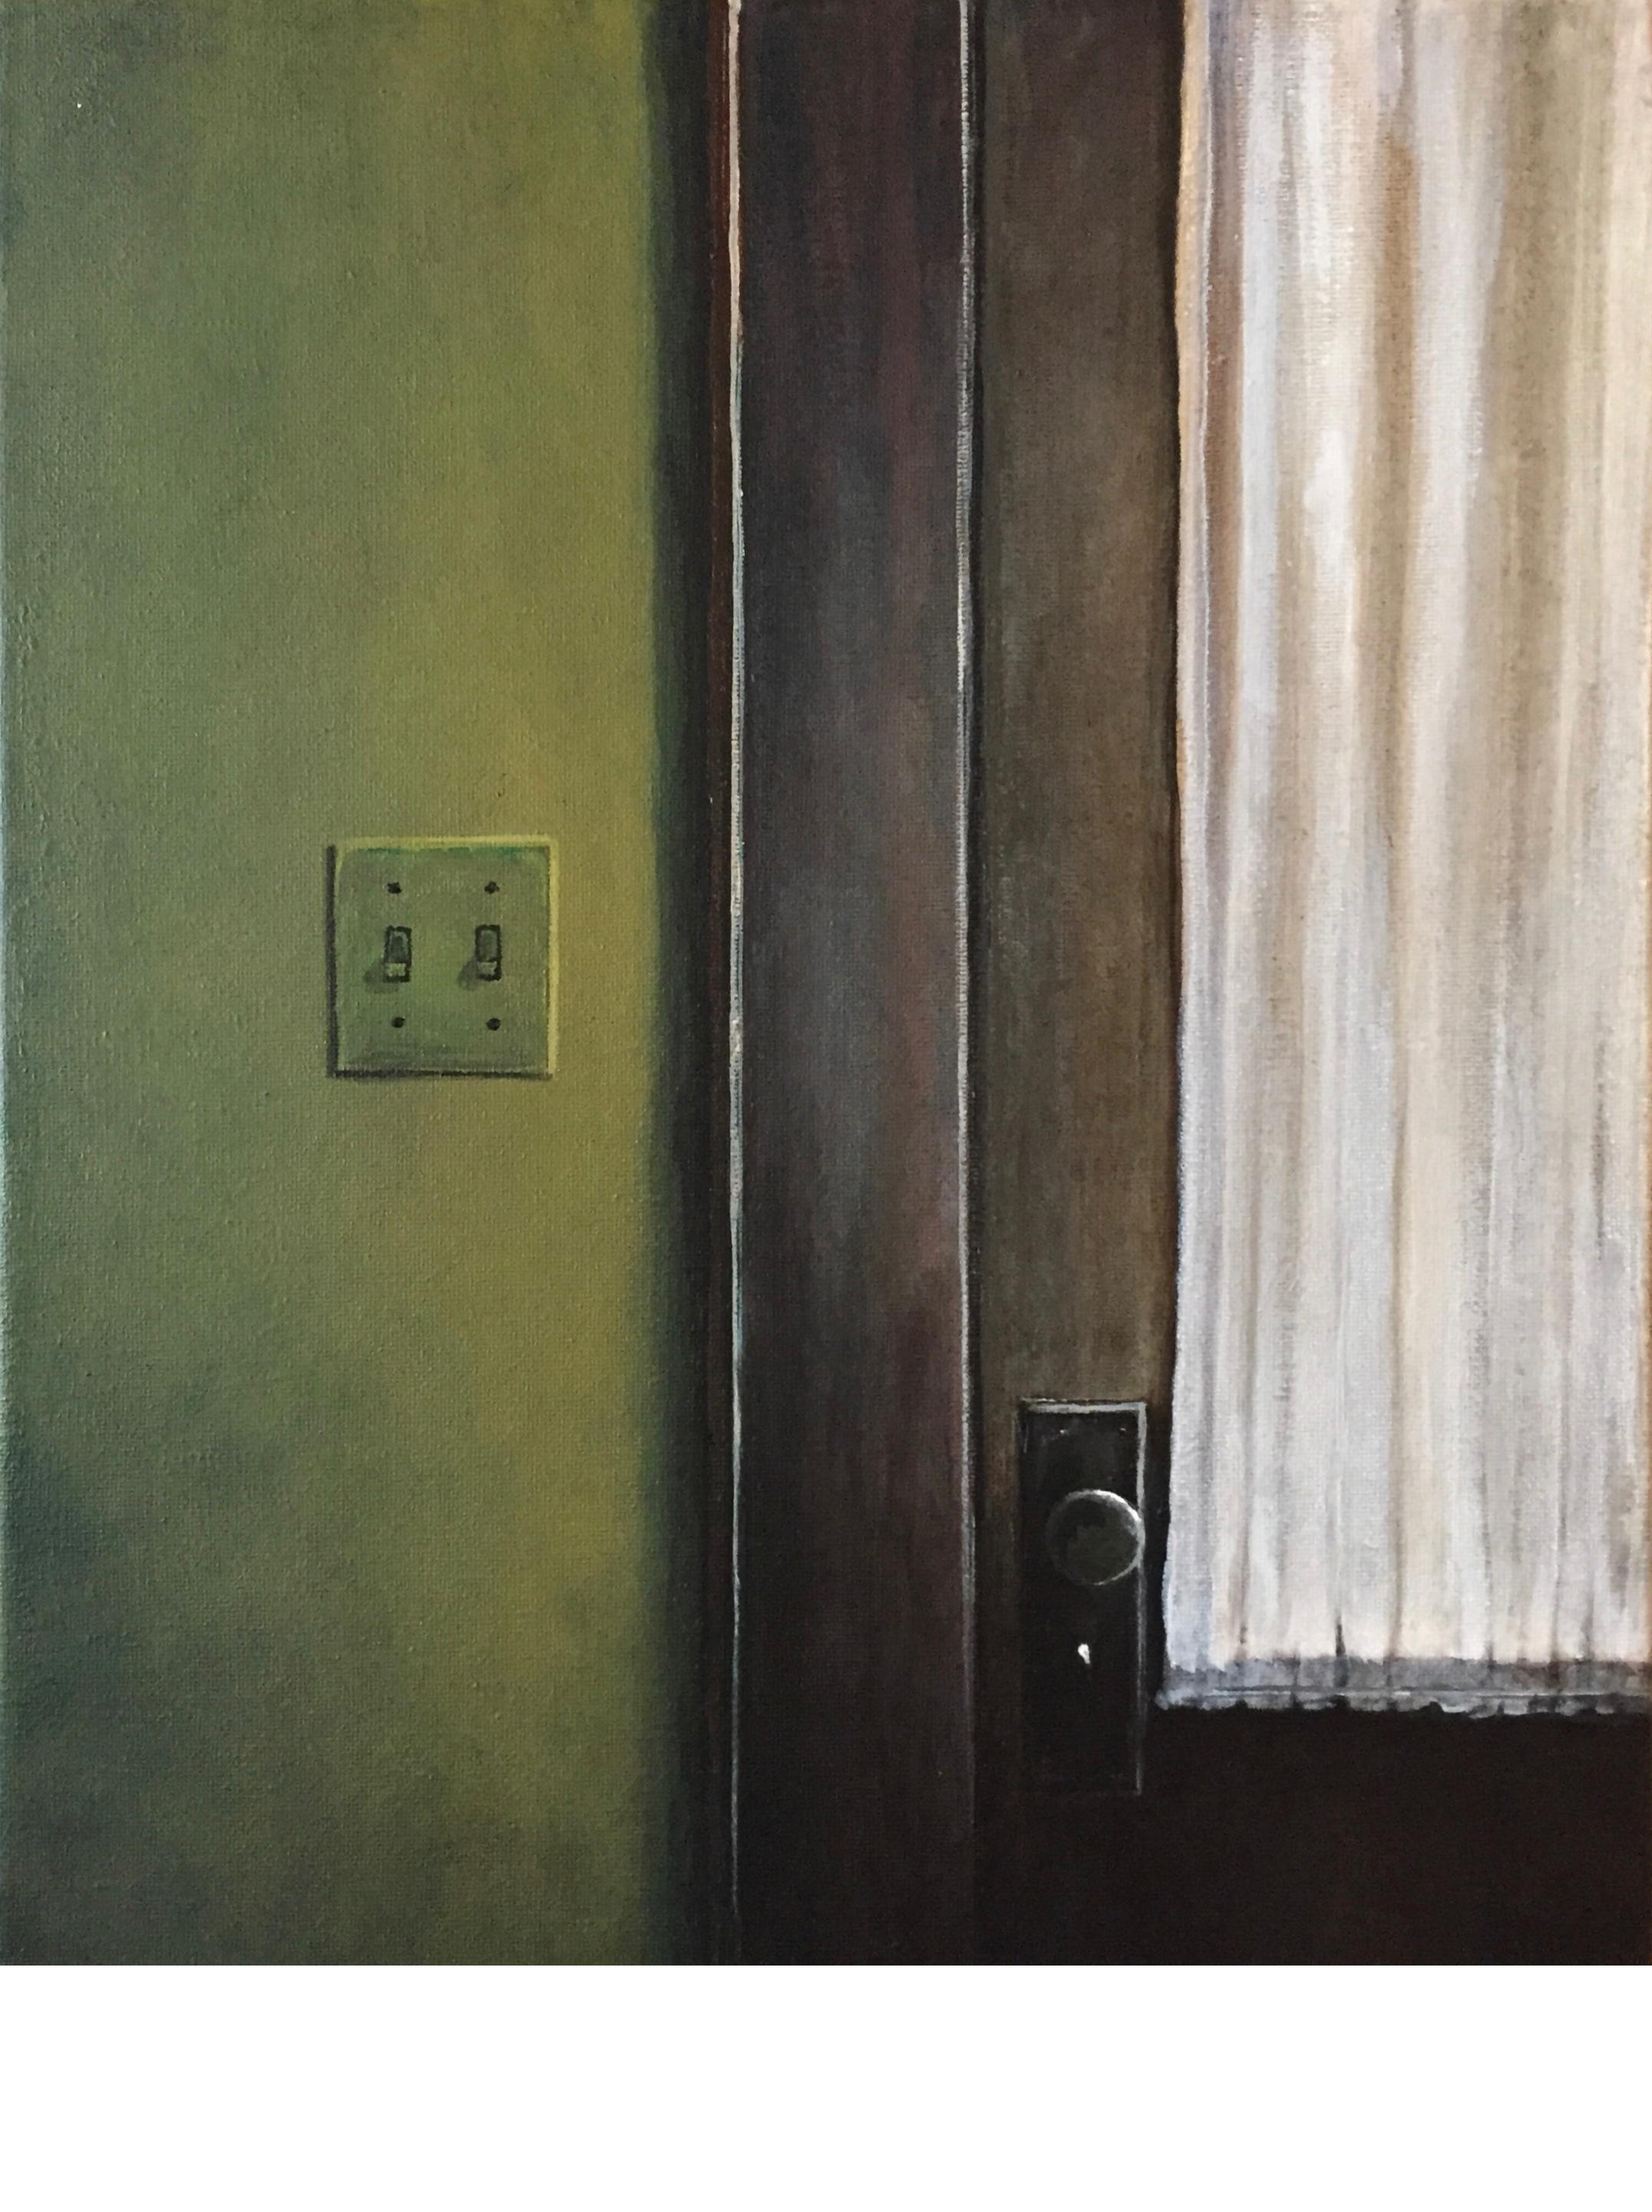 O'brien Front Door, 16x12, 2015